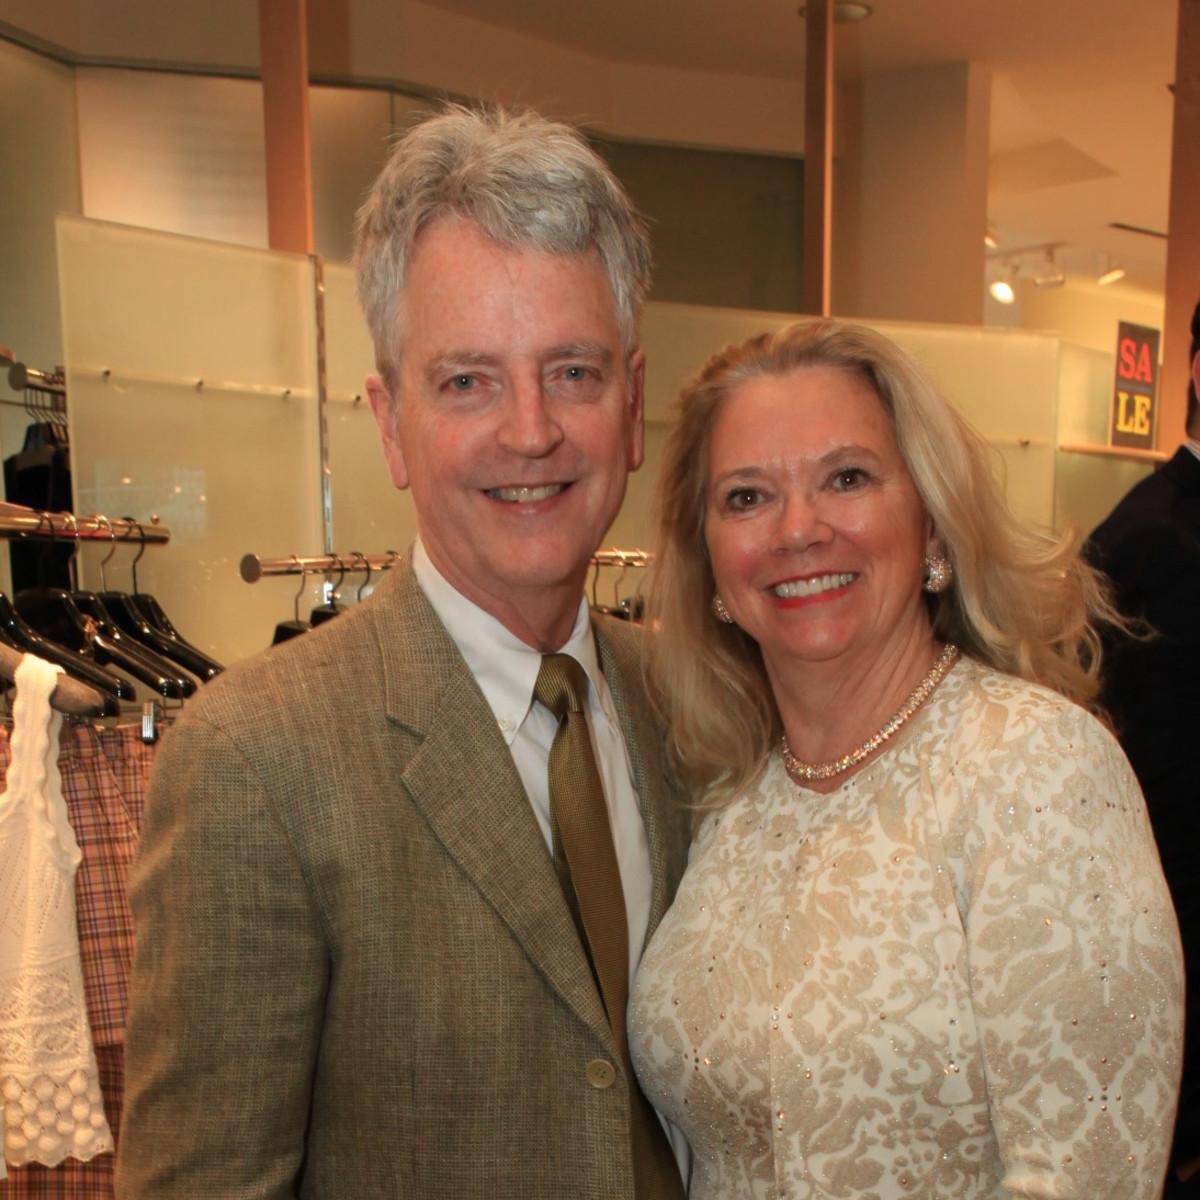 John Gilmore and Linda Burk